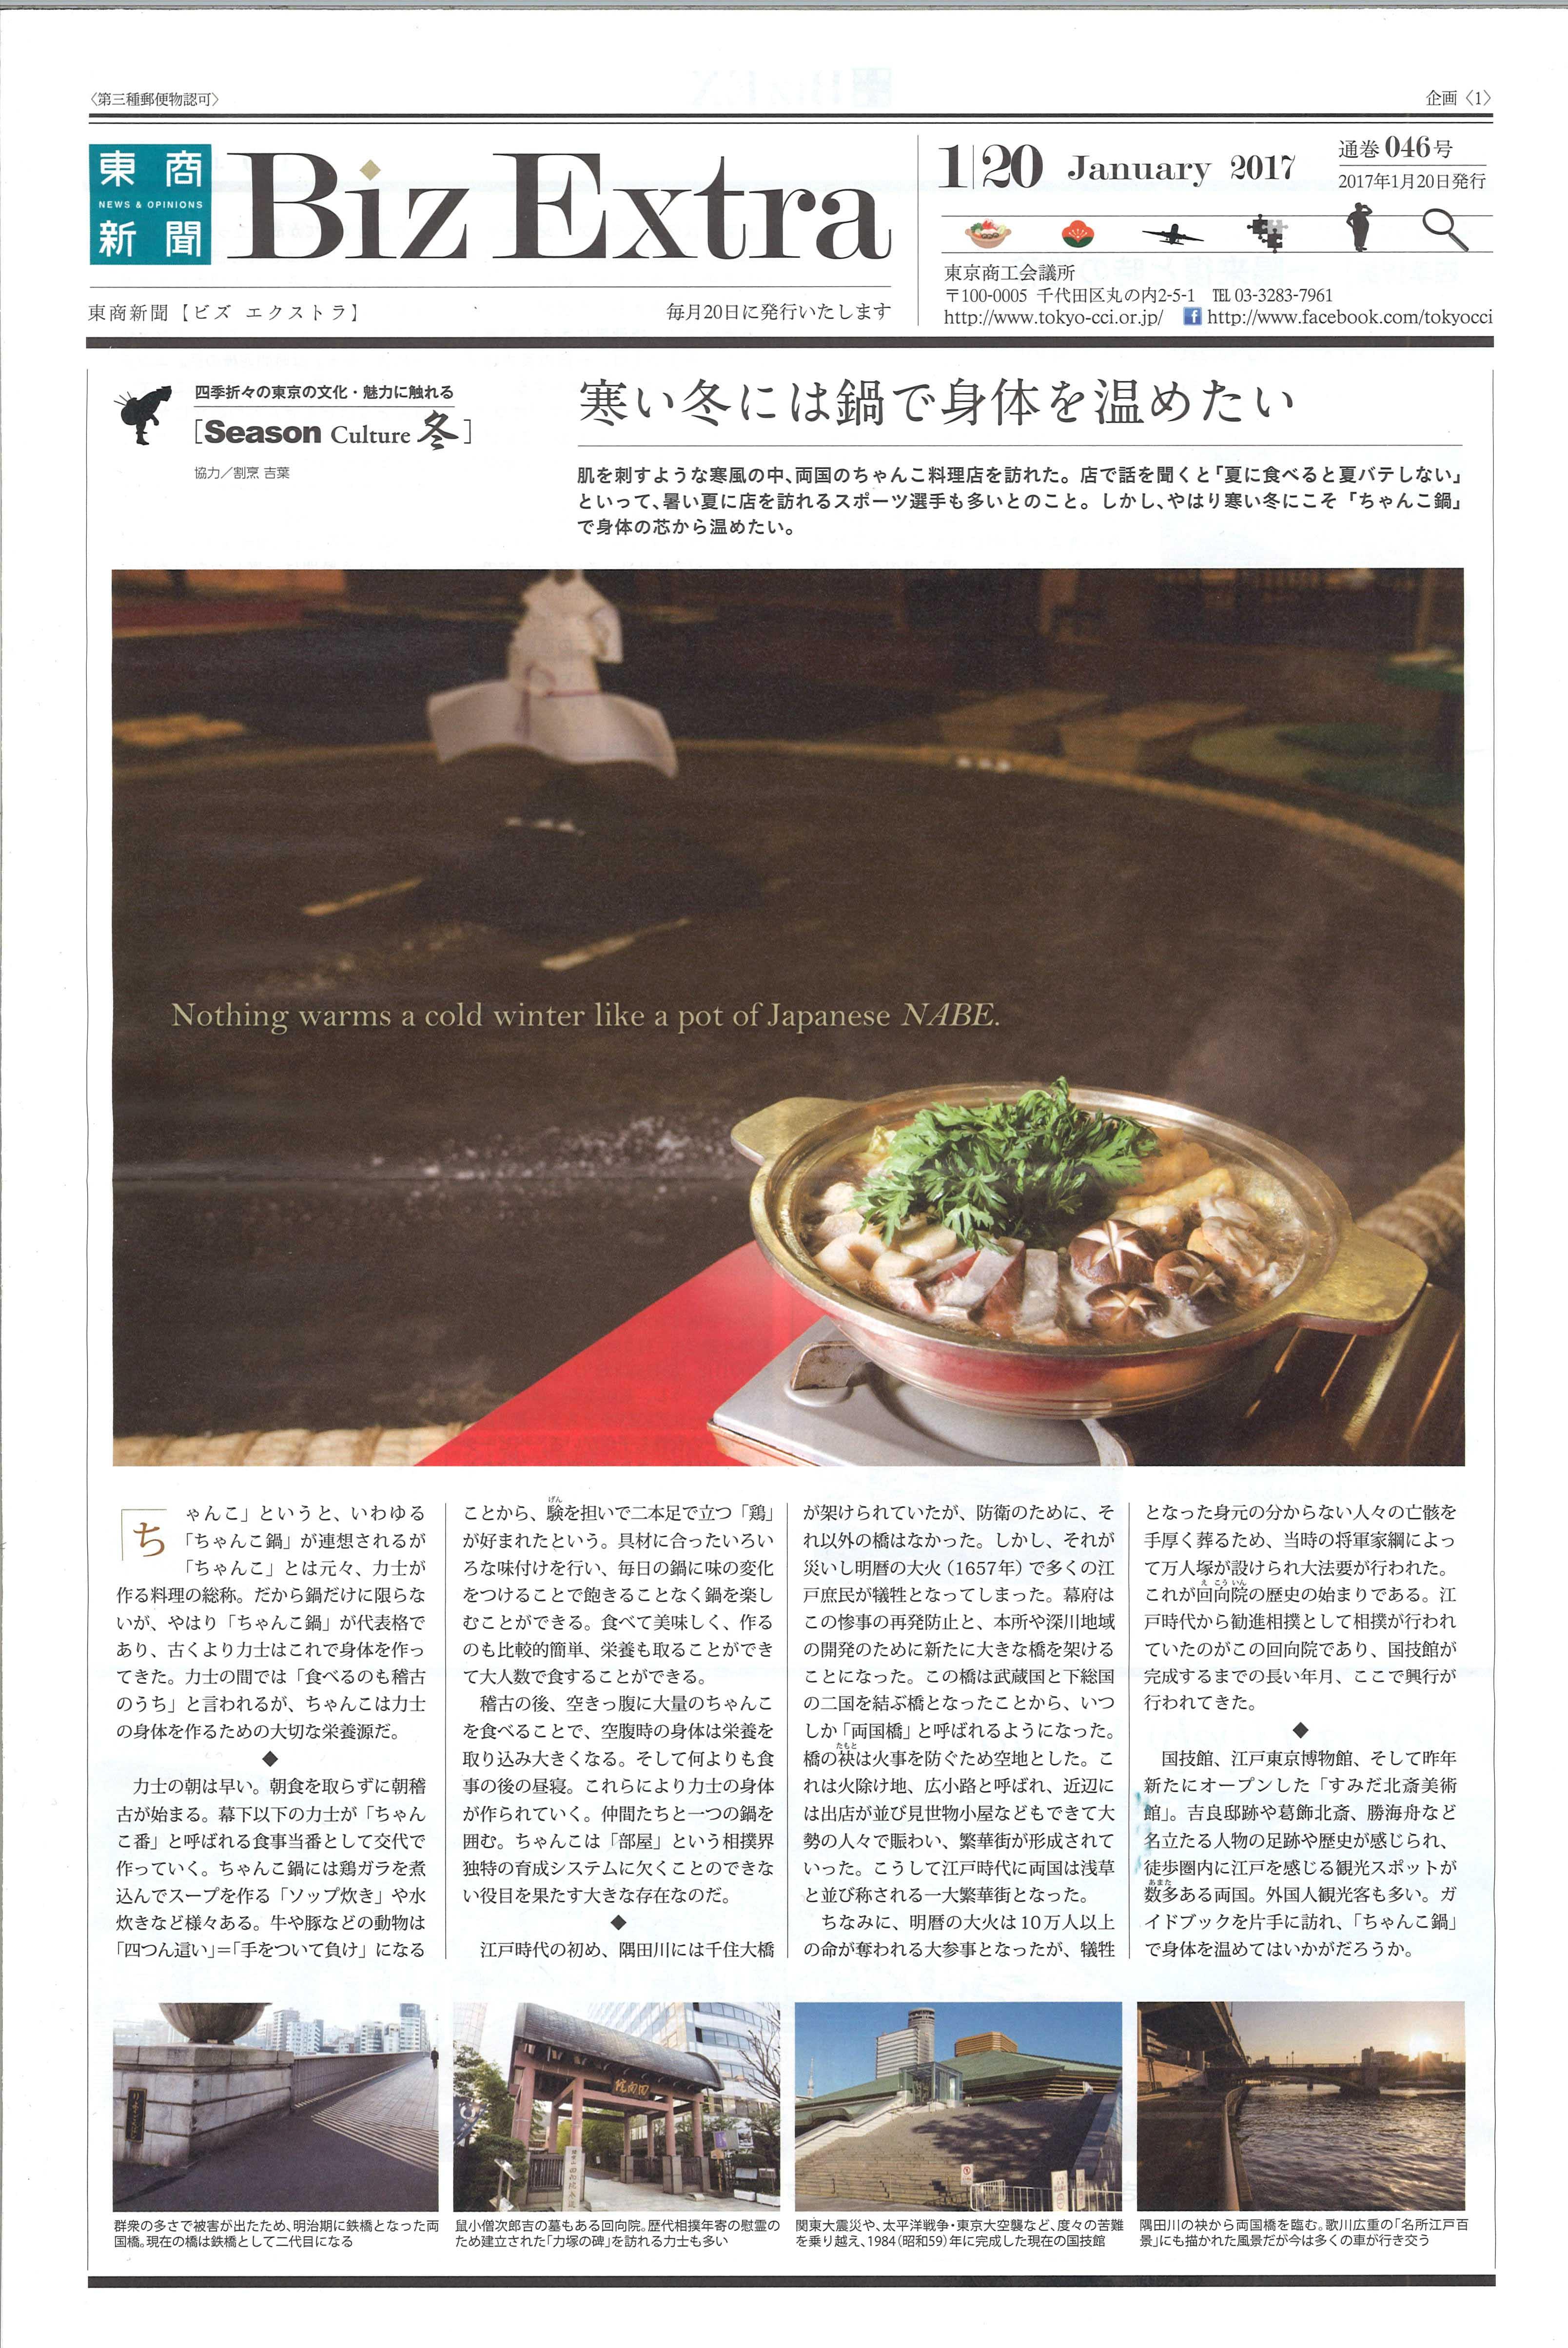 「東商新聞 Biz Extra」 January 2017 通巻046号